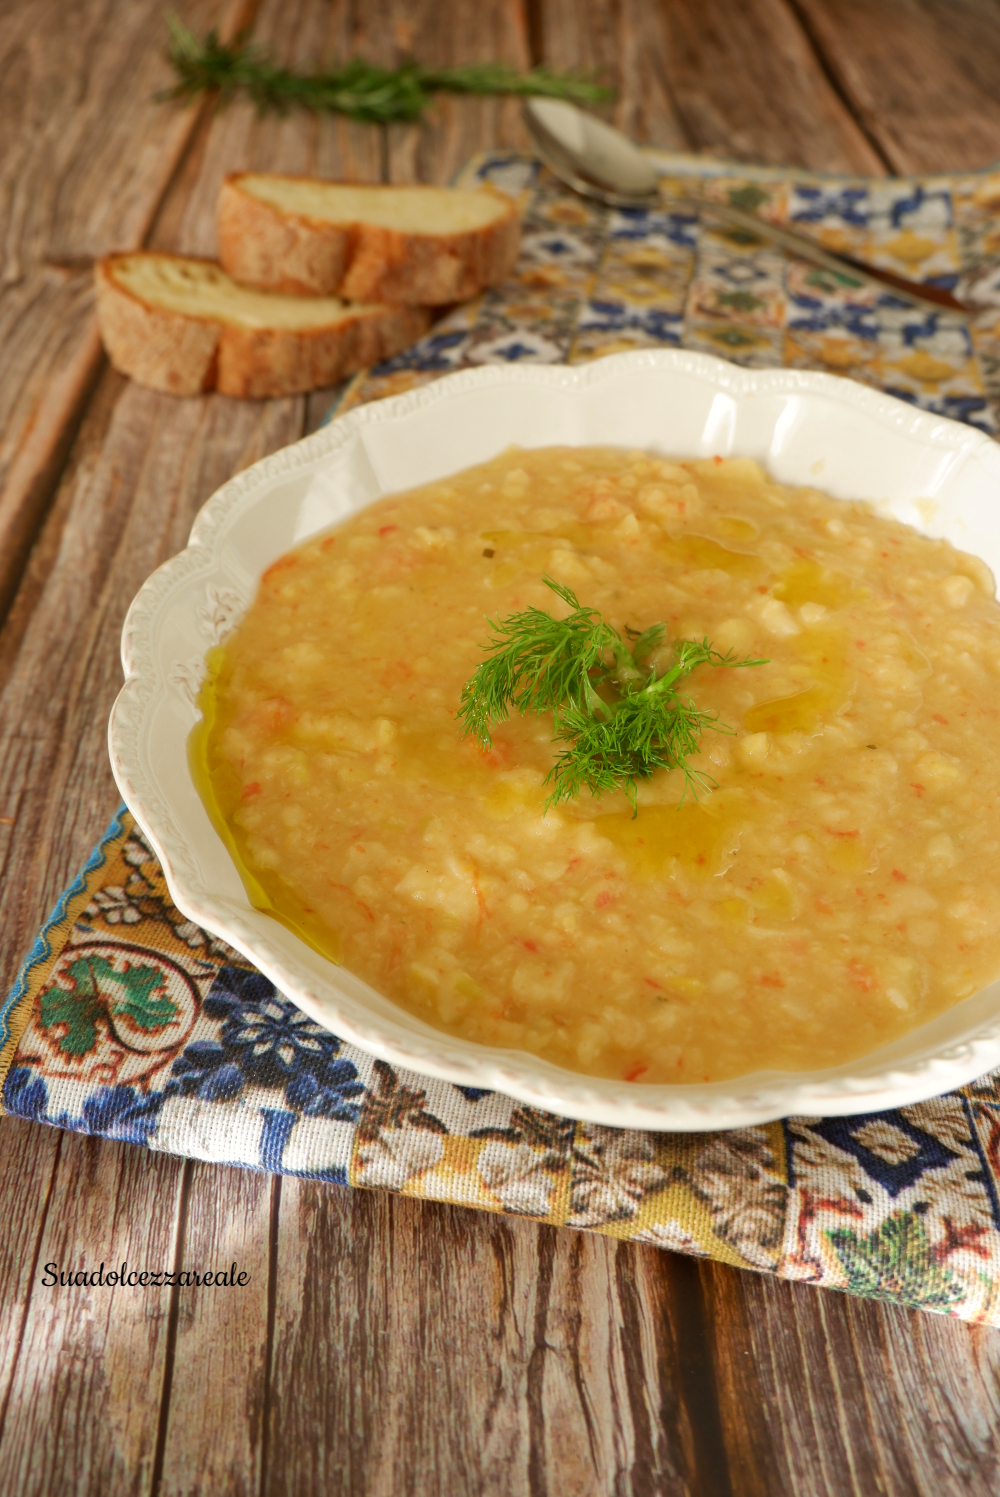 come fare zuppa di fave secche decorticate